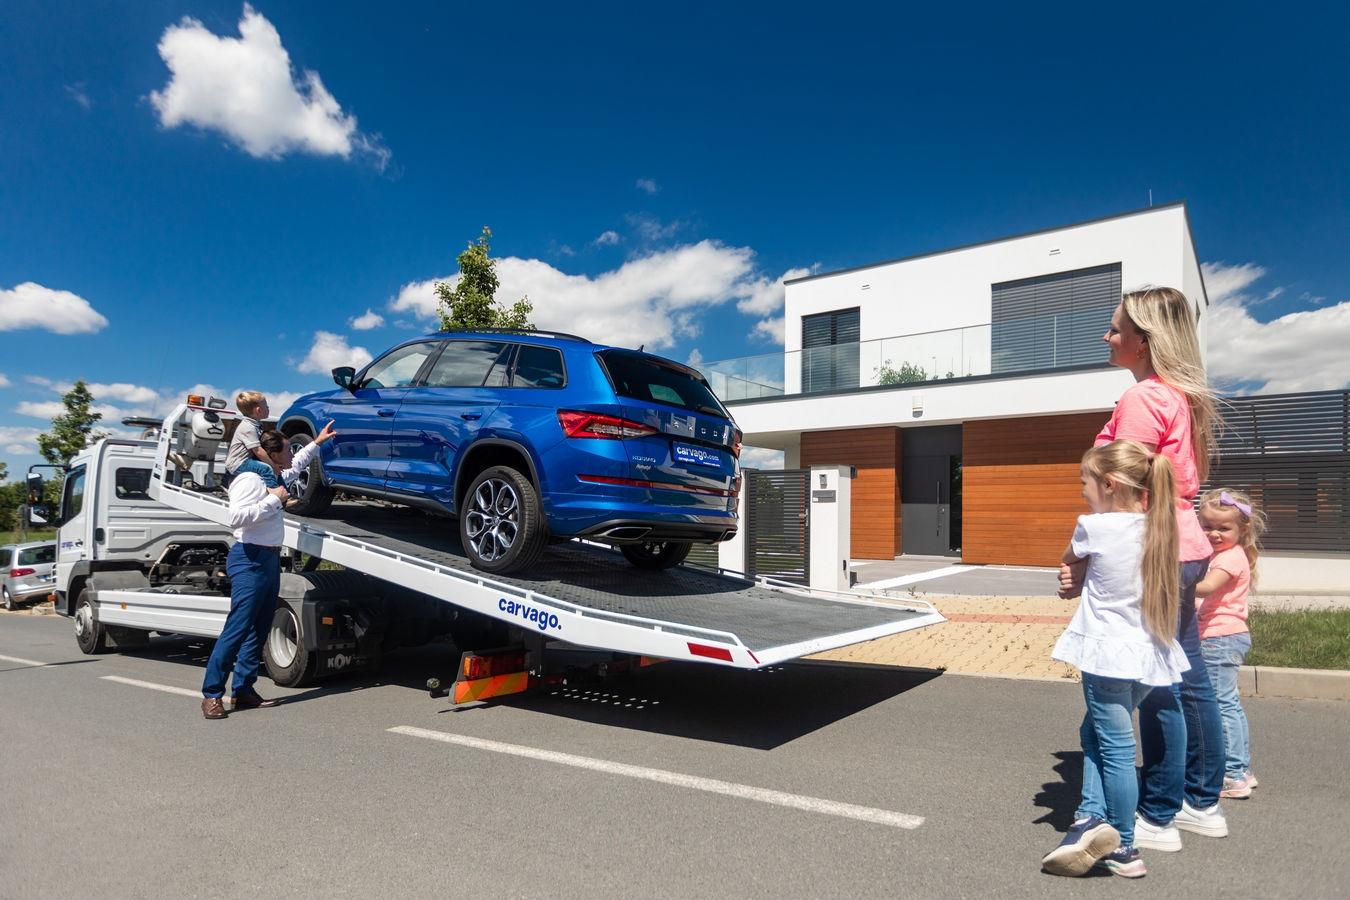 Autotržiště Carvago je největší v Evropě. Umožňuje nákup ojetiny online s doručením auta až domů